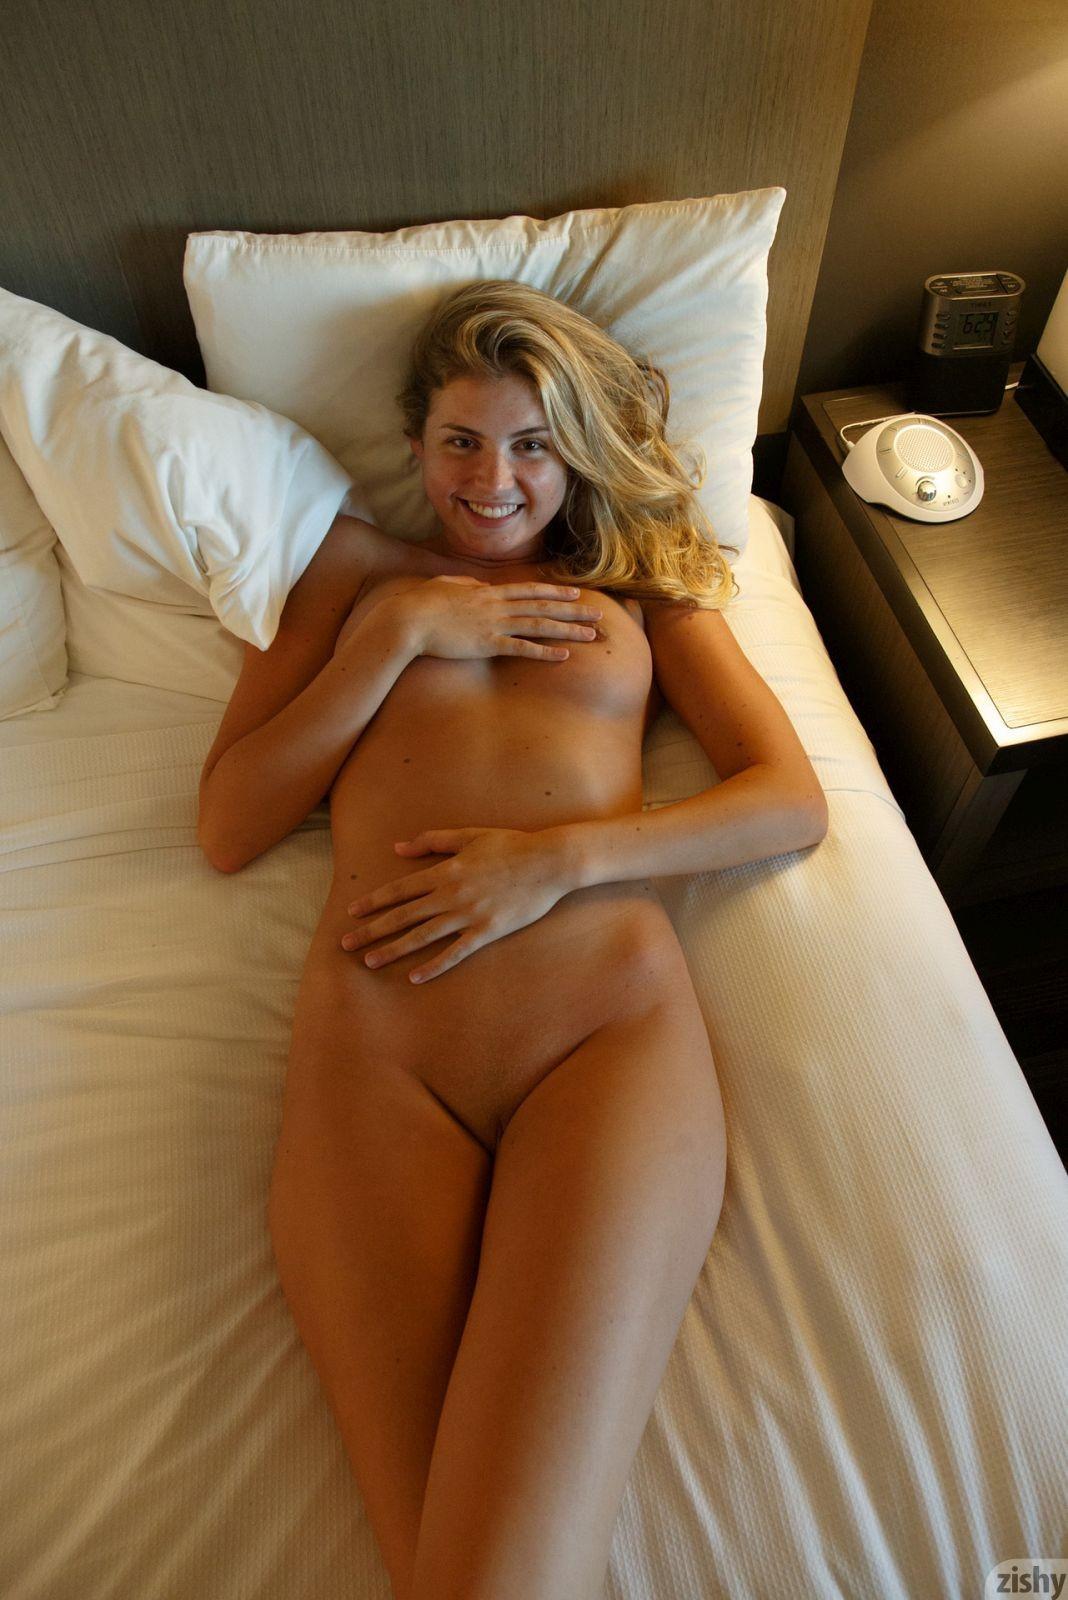 Сняла трусики и легла на кровать - фото